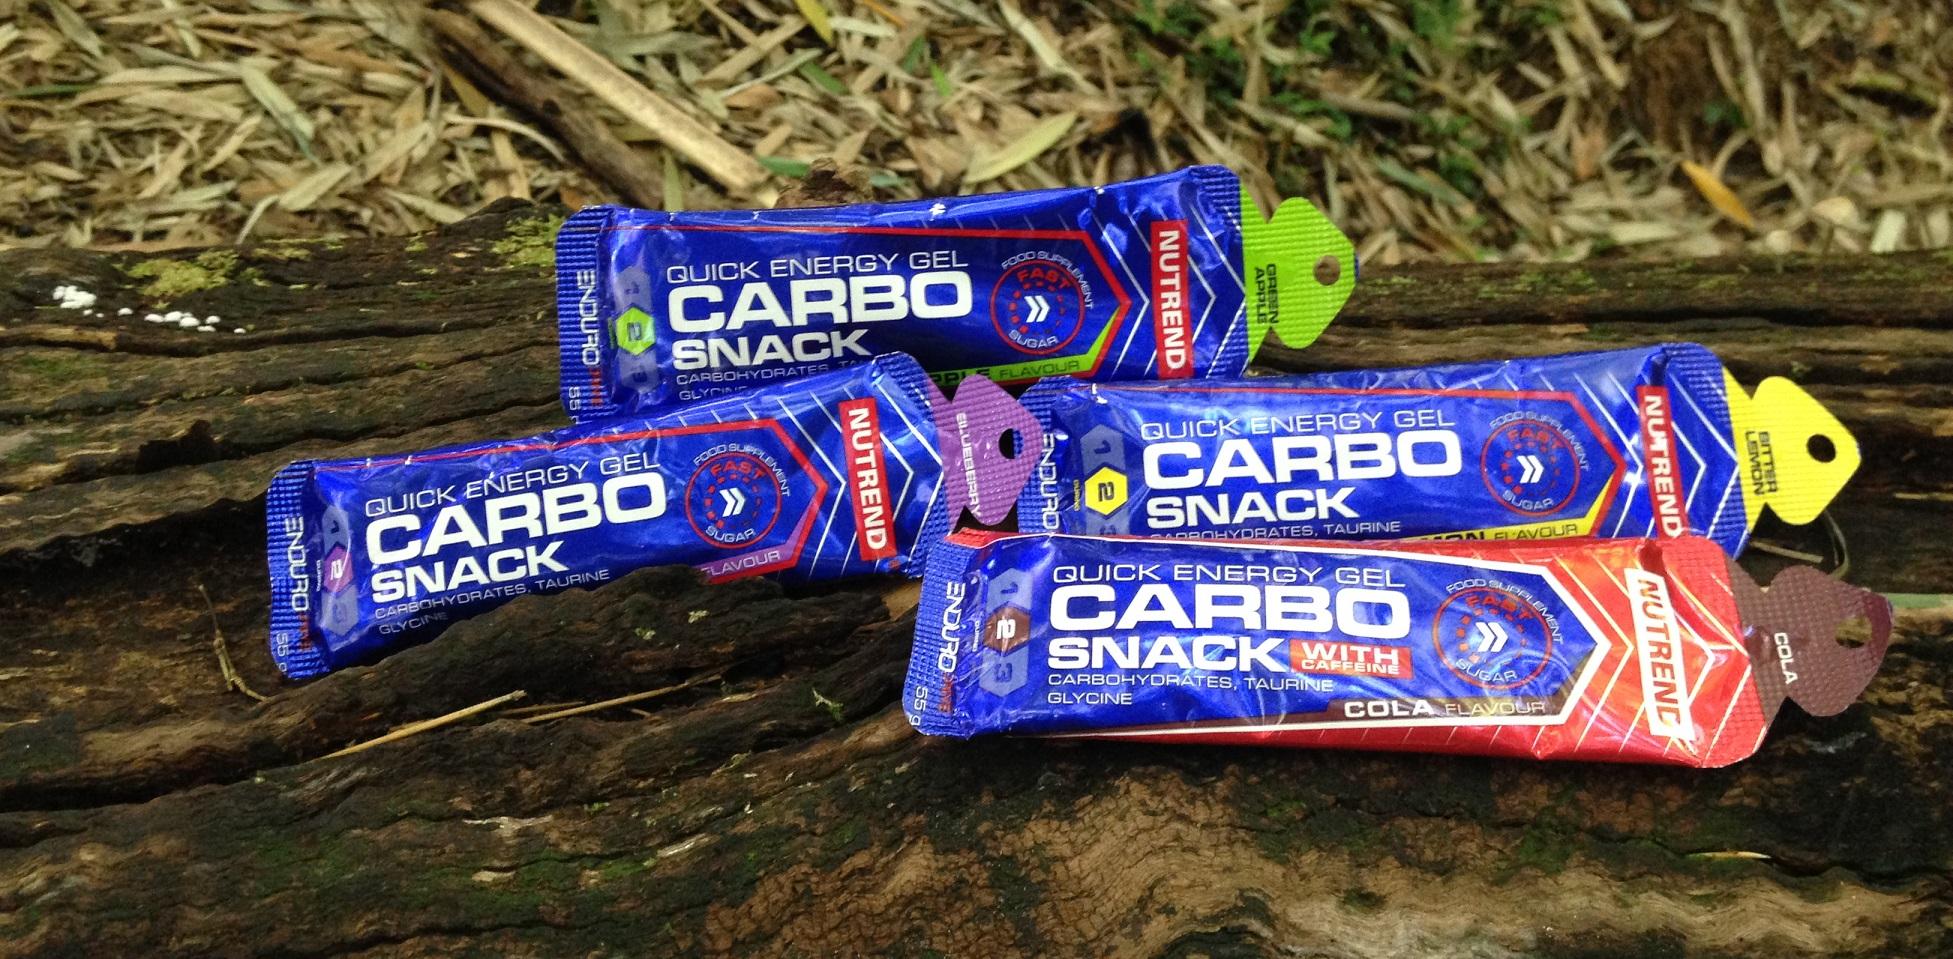 Nutrend CarboSnack Gel (5)